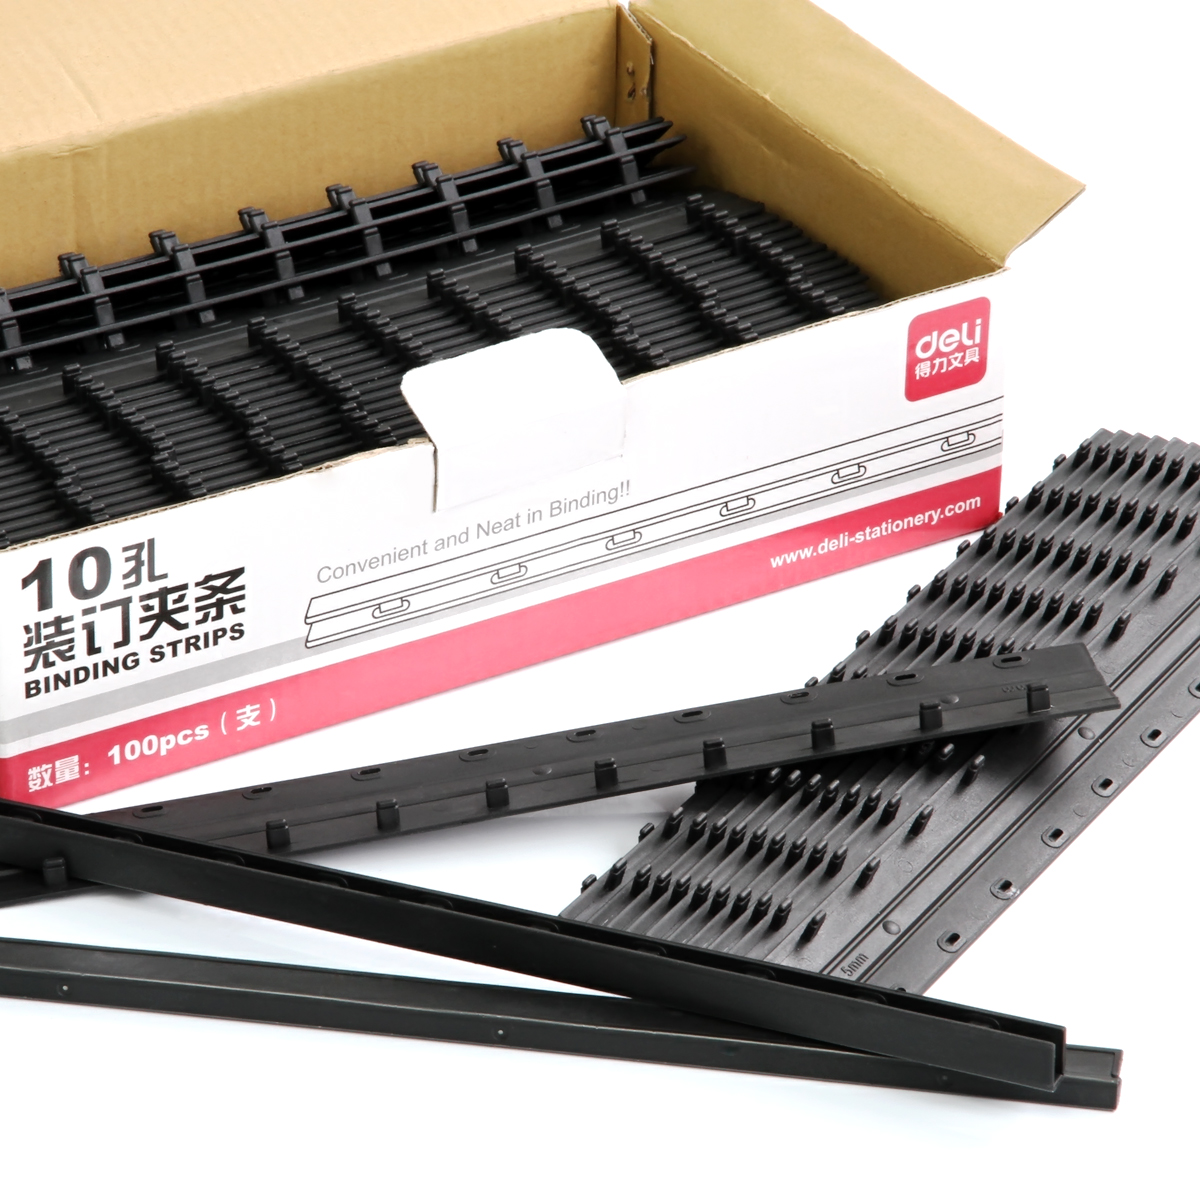 正品得力装订夹条10孔300*3mm~20mm装订压条黑色100支 装订机耗材